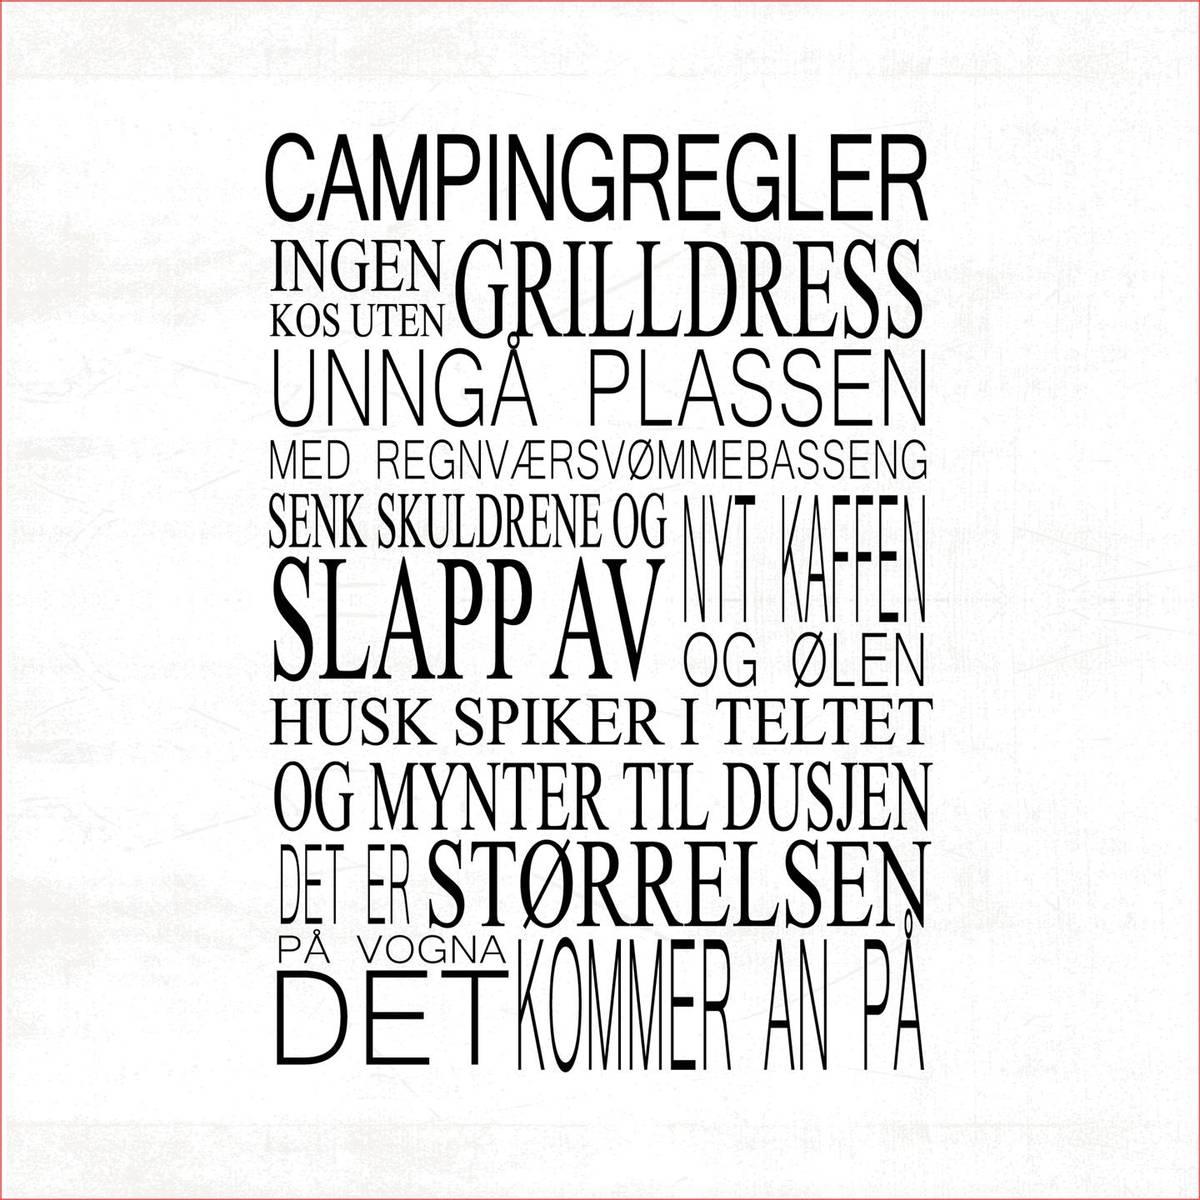 Servietter   Campingregler hvit  Vanlig str